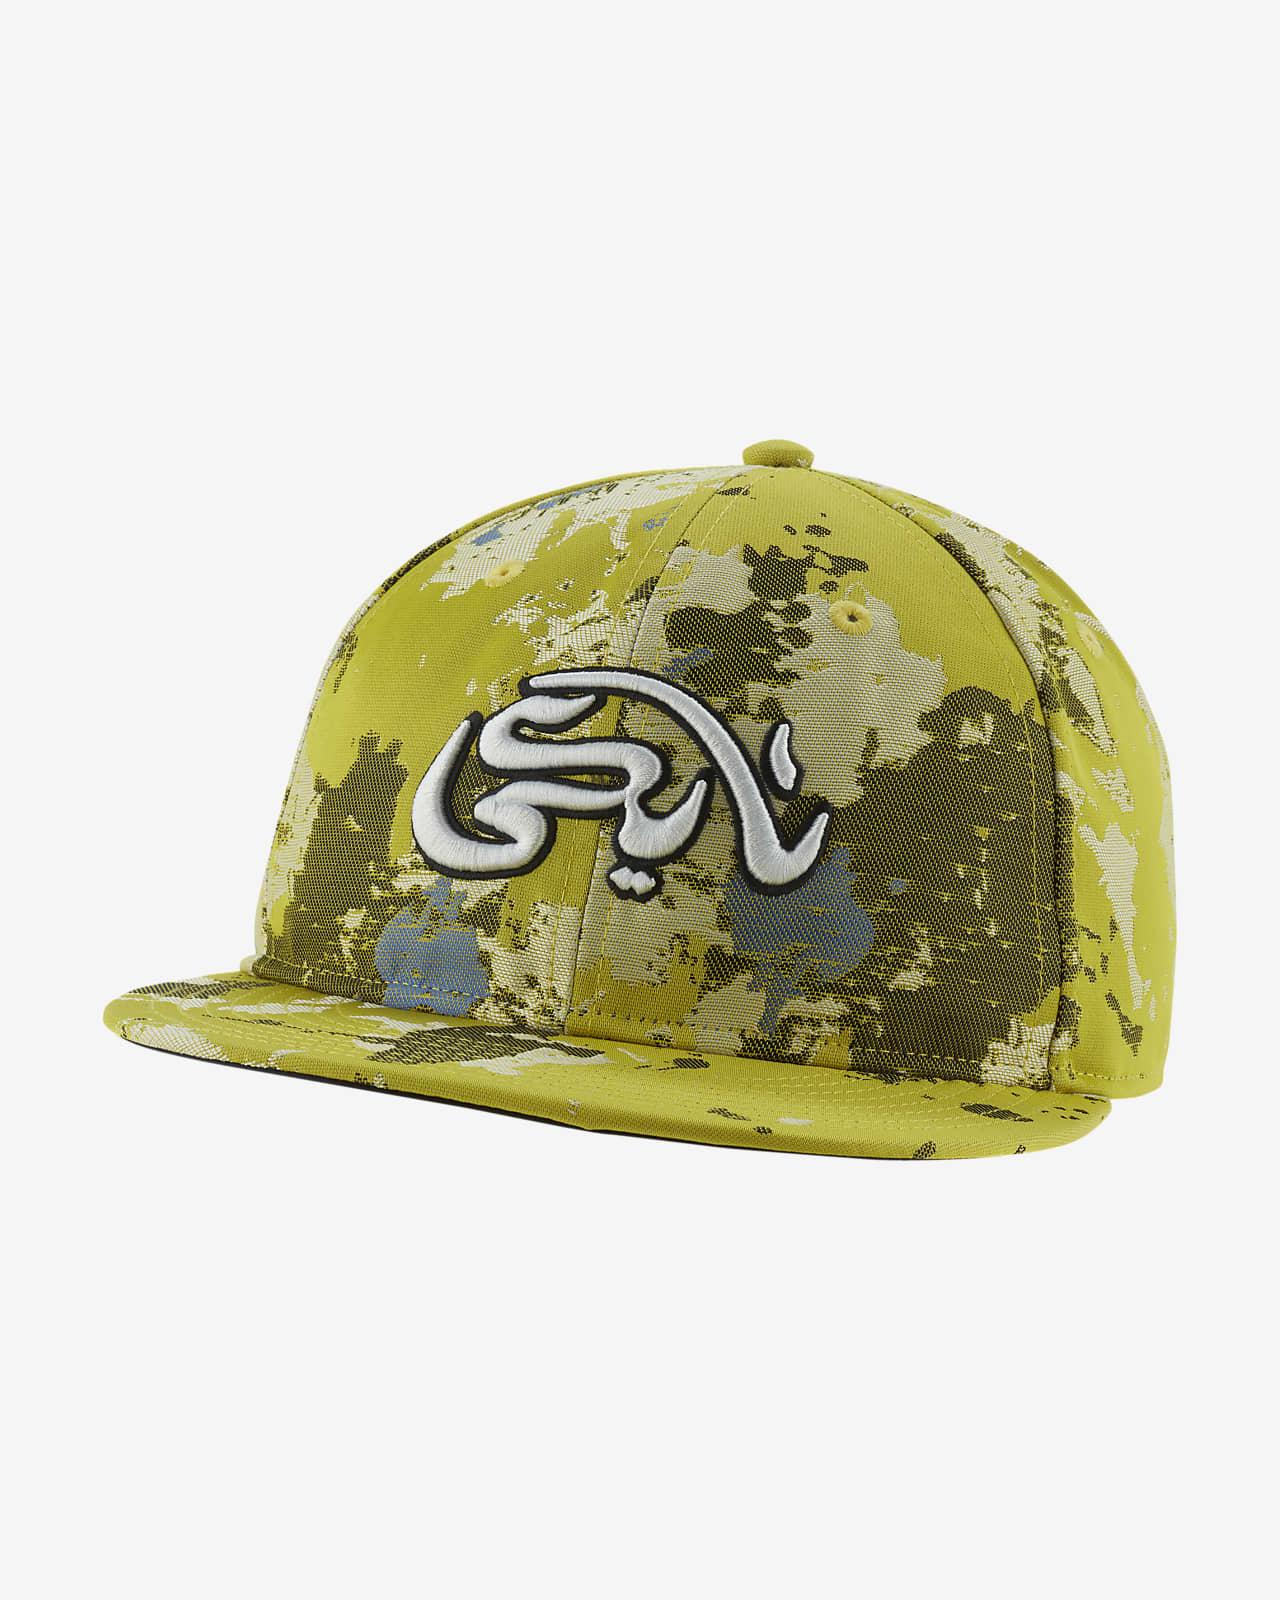 Nike SB Skate Cap